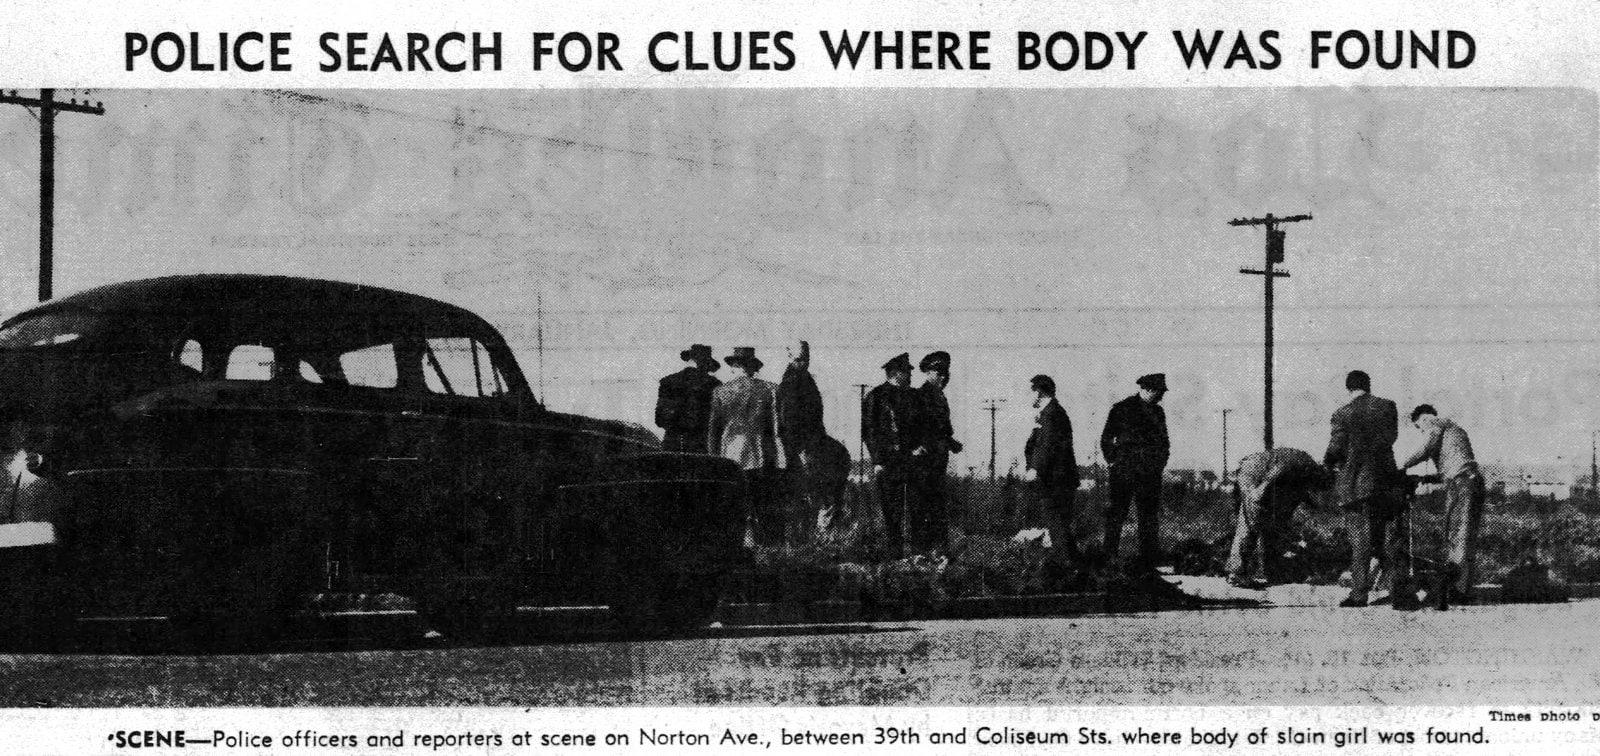 Black Dahlia news report - January 16 1947